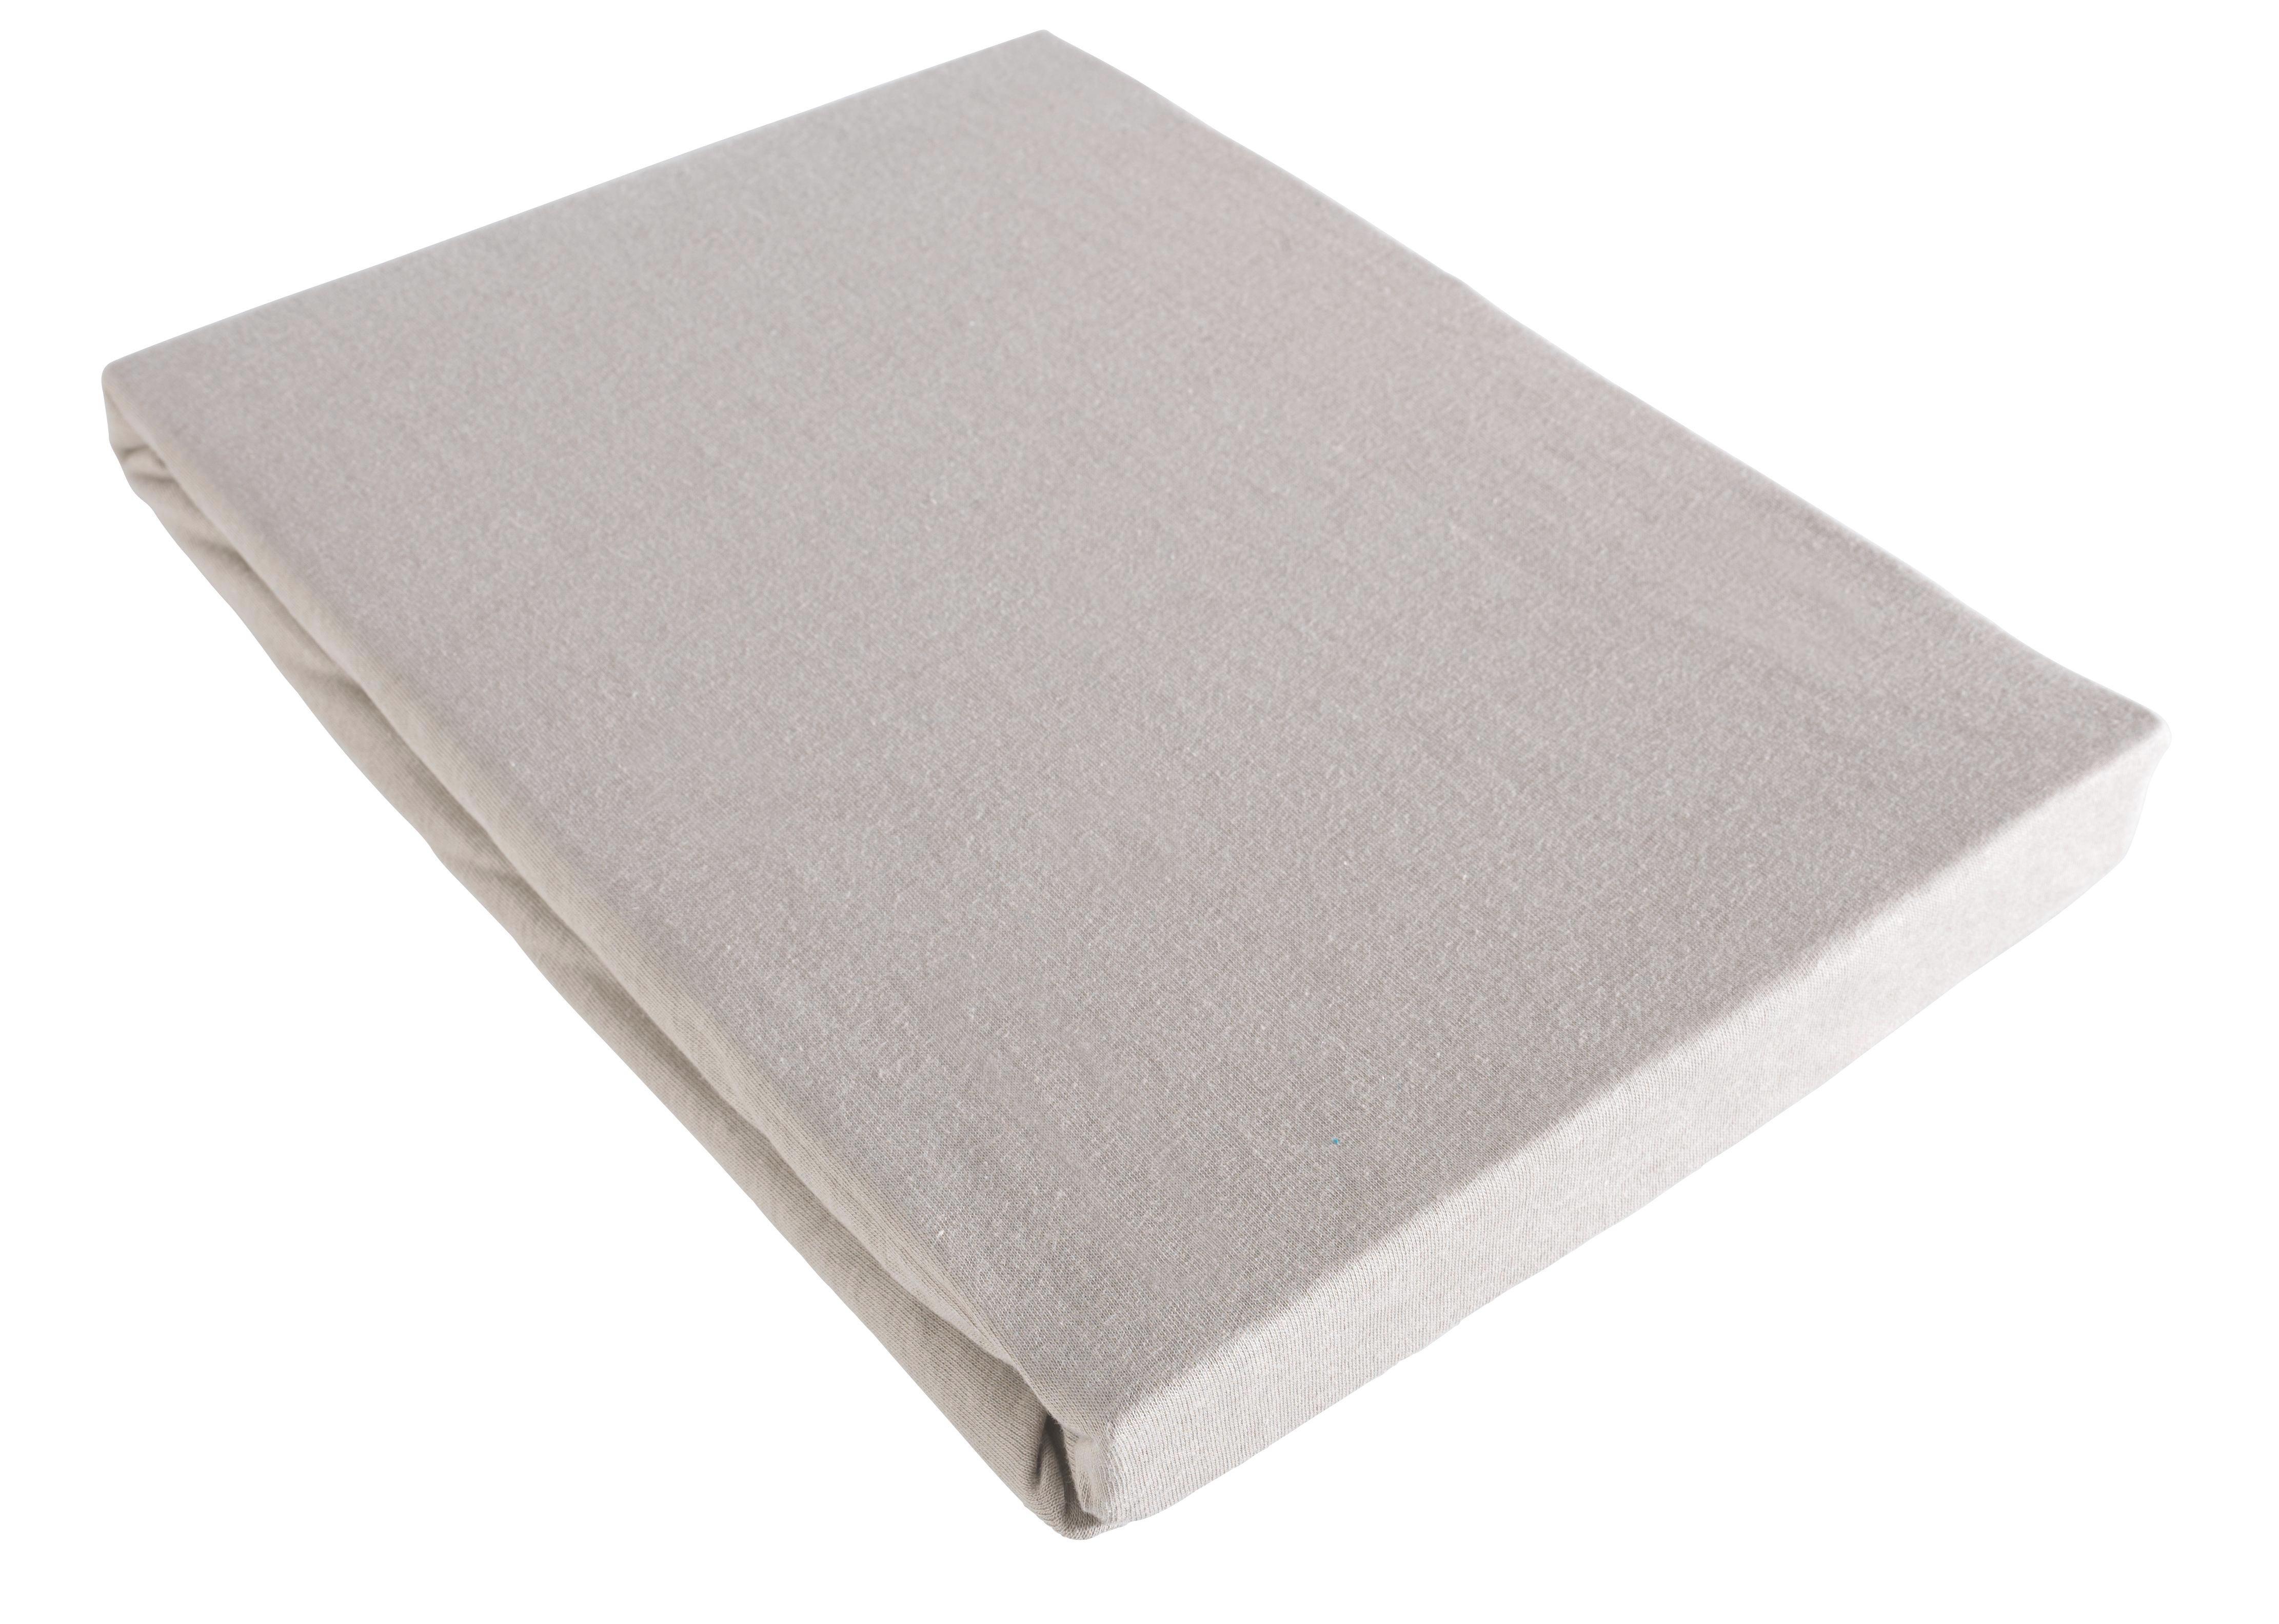 Spannleintuch Basic in Grau, ca. 100x200cm - Grau, Textil (100/200cm) - MÖMAX modern living